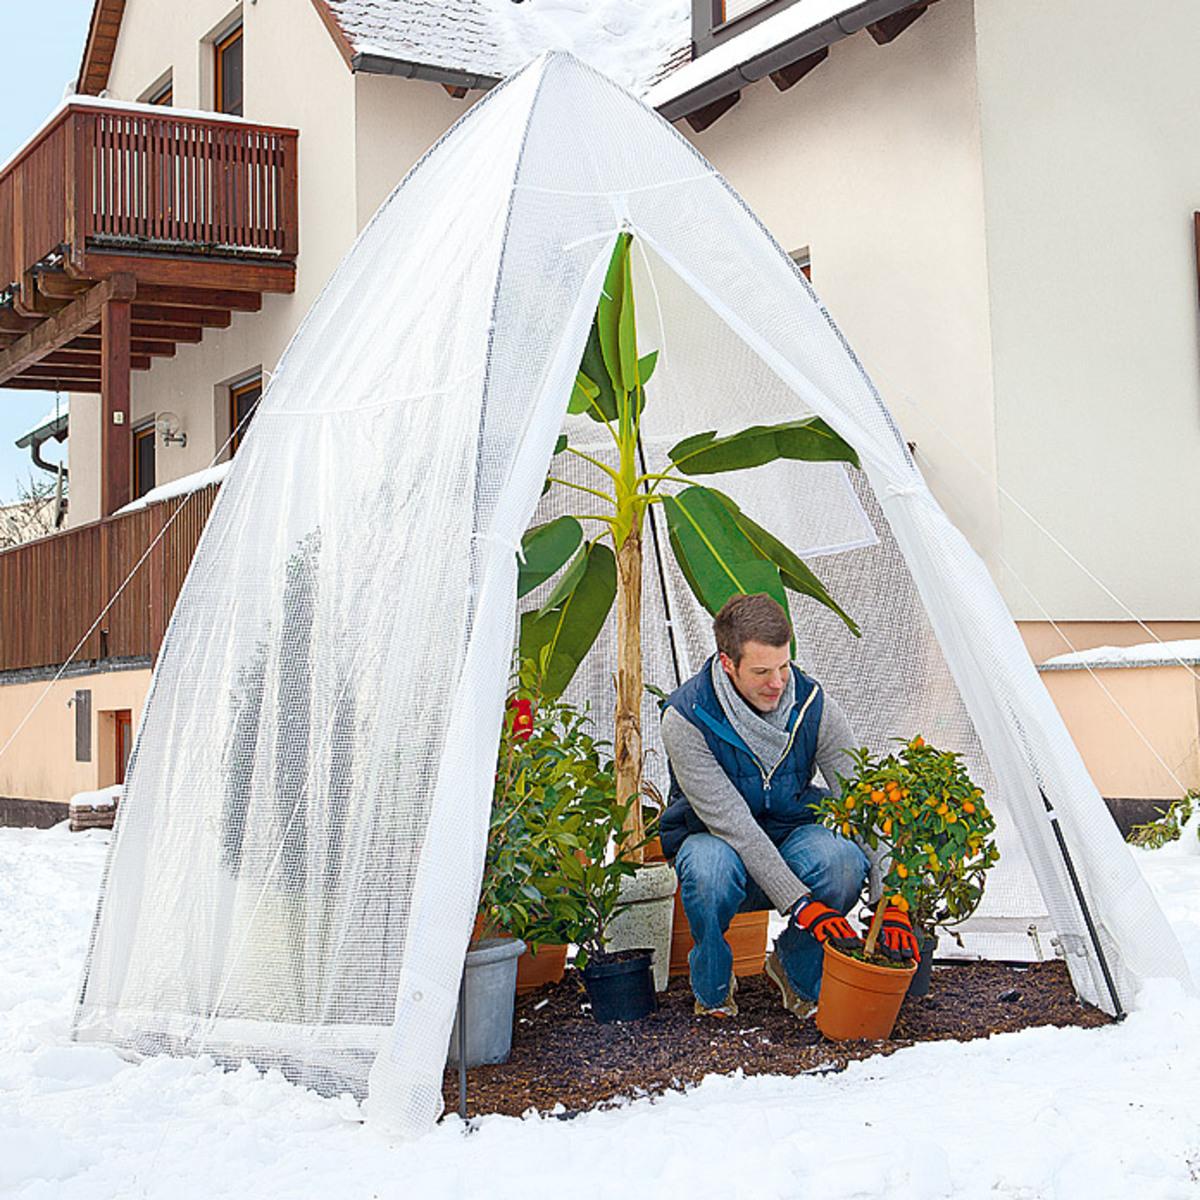 winterschutzzelt von bauhaus ansehen. Black Bedroom Furniture Sets. Home Design Ideas